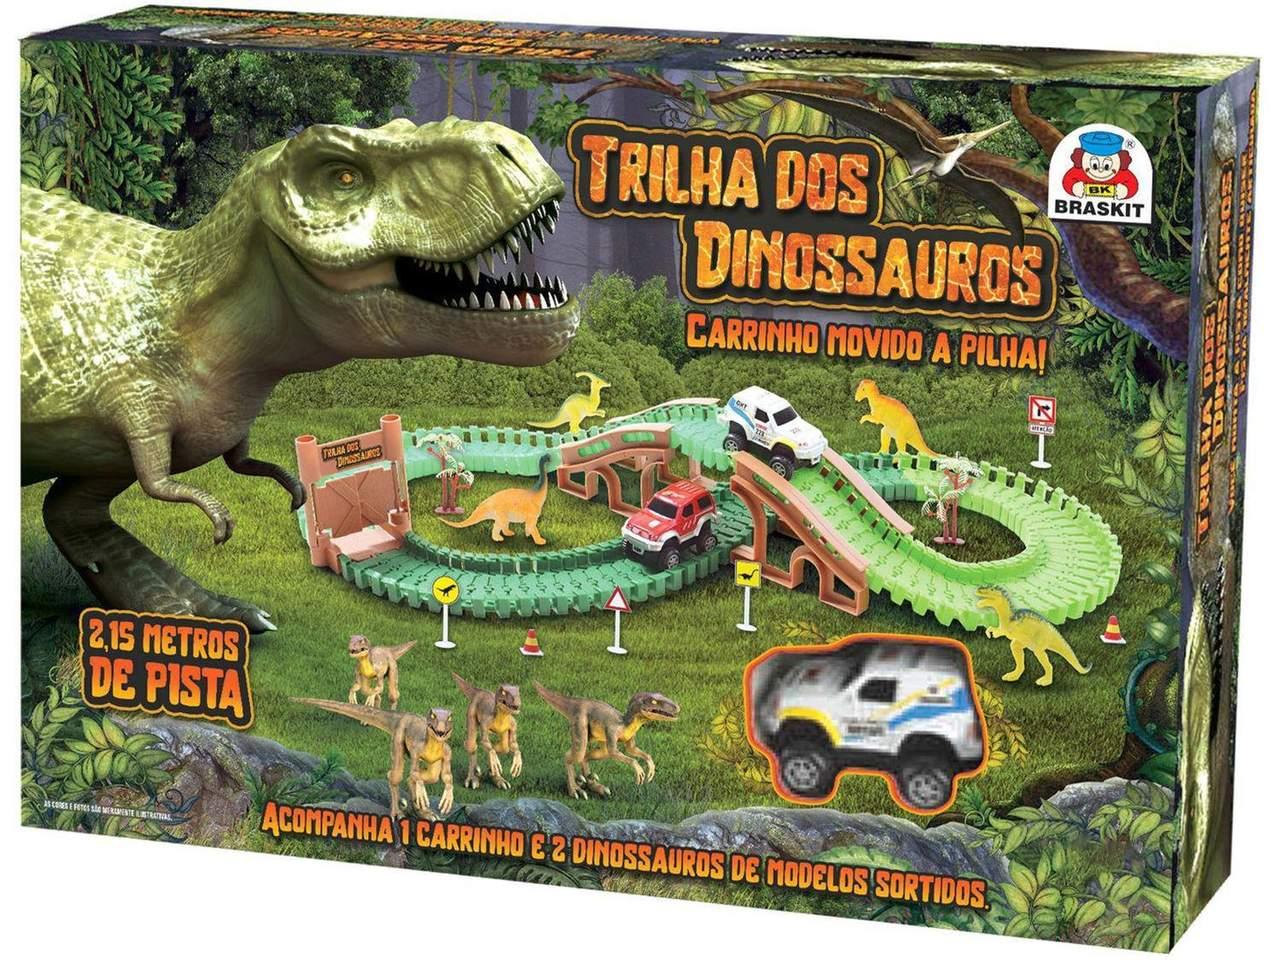 Pista Trilha Parque Dos Dinossauros Carrinho a Pilha - Braskit